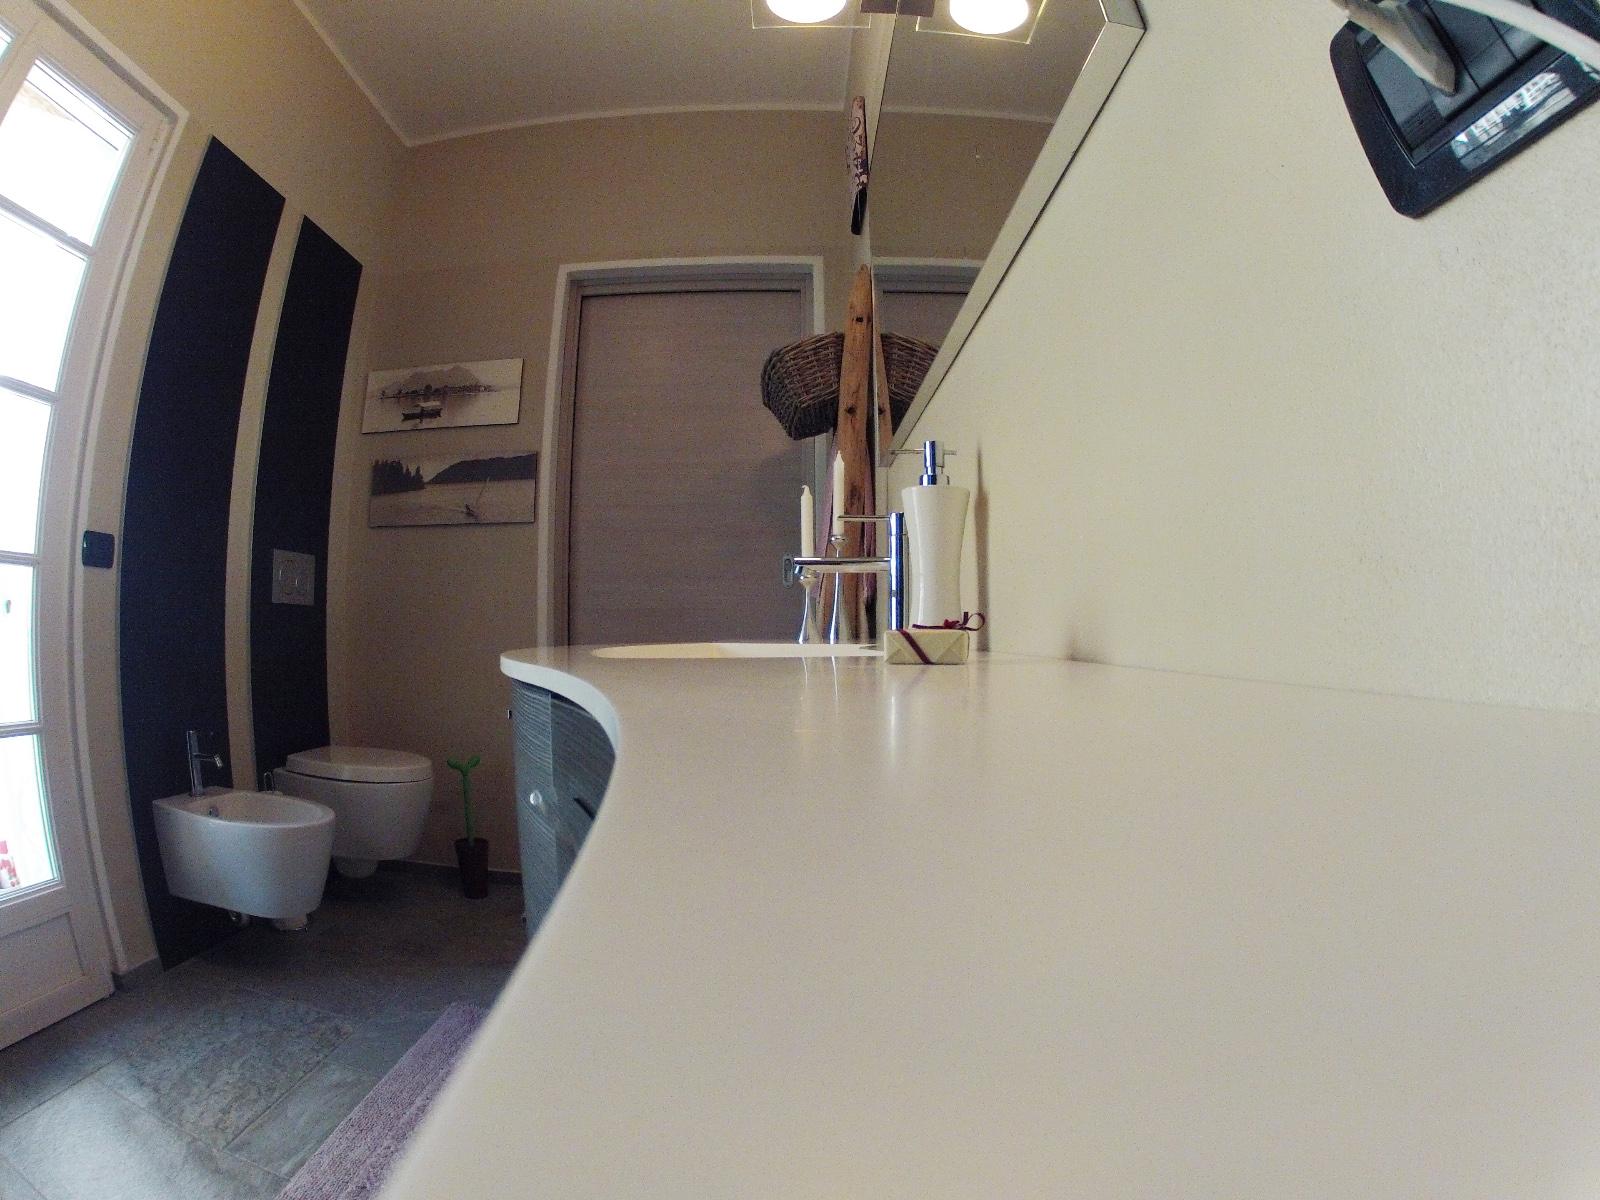 Doccia a pavimento senza piatto top mobili e arredamento piatti doccia filo pavimento prezzi - Piatto doccia raso pavimento ...